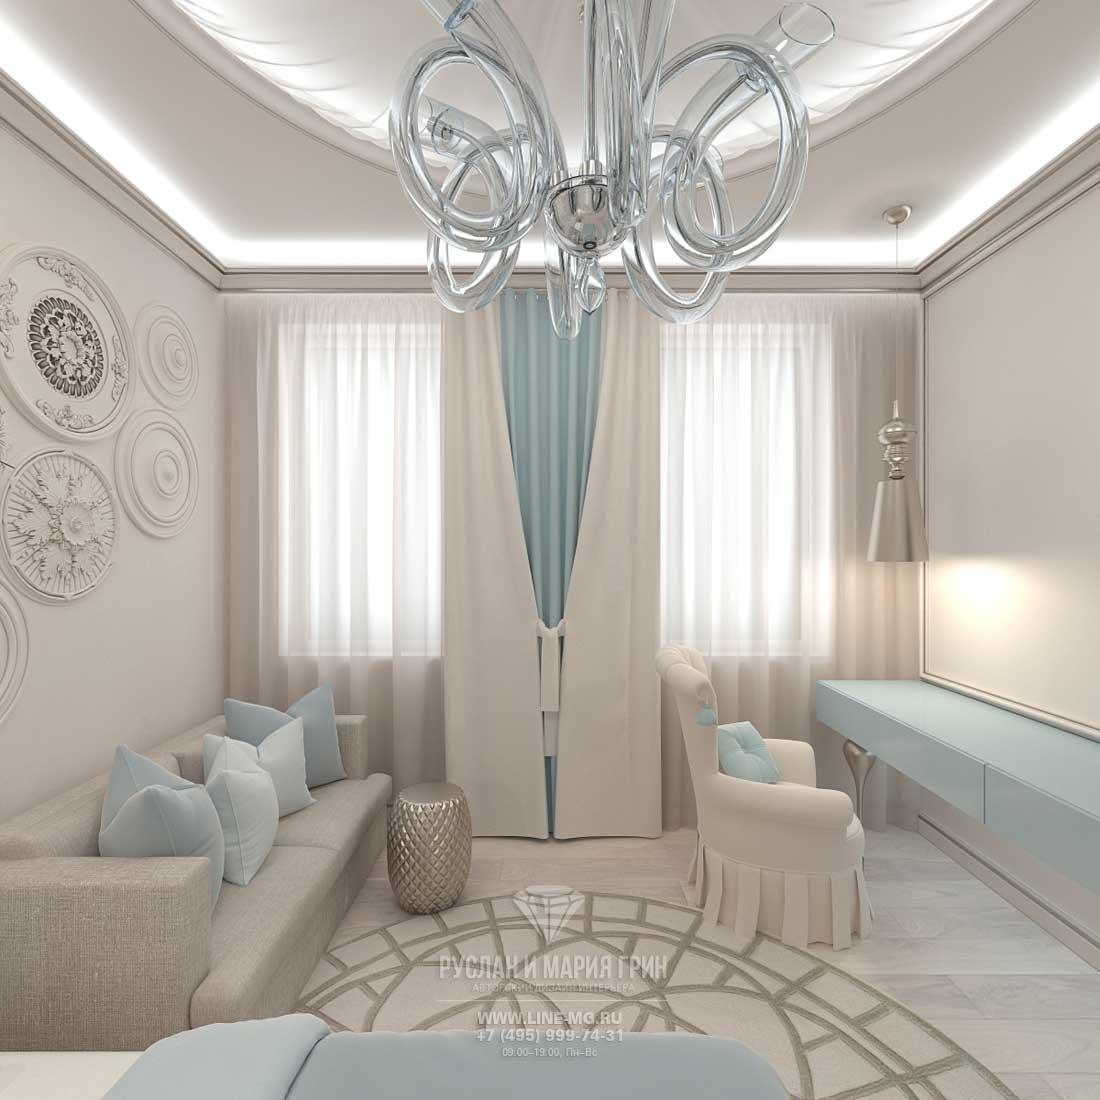 Дизайнерский ремонт комнаты под ключ в стиле легкая классика. Фото интерьера